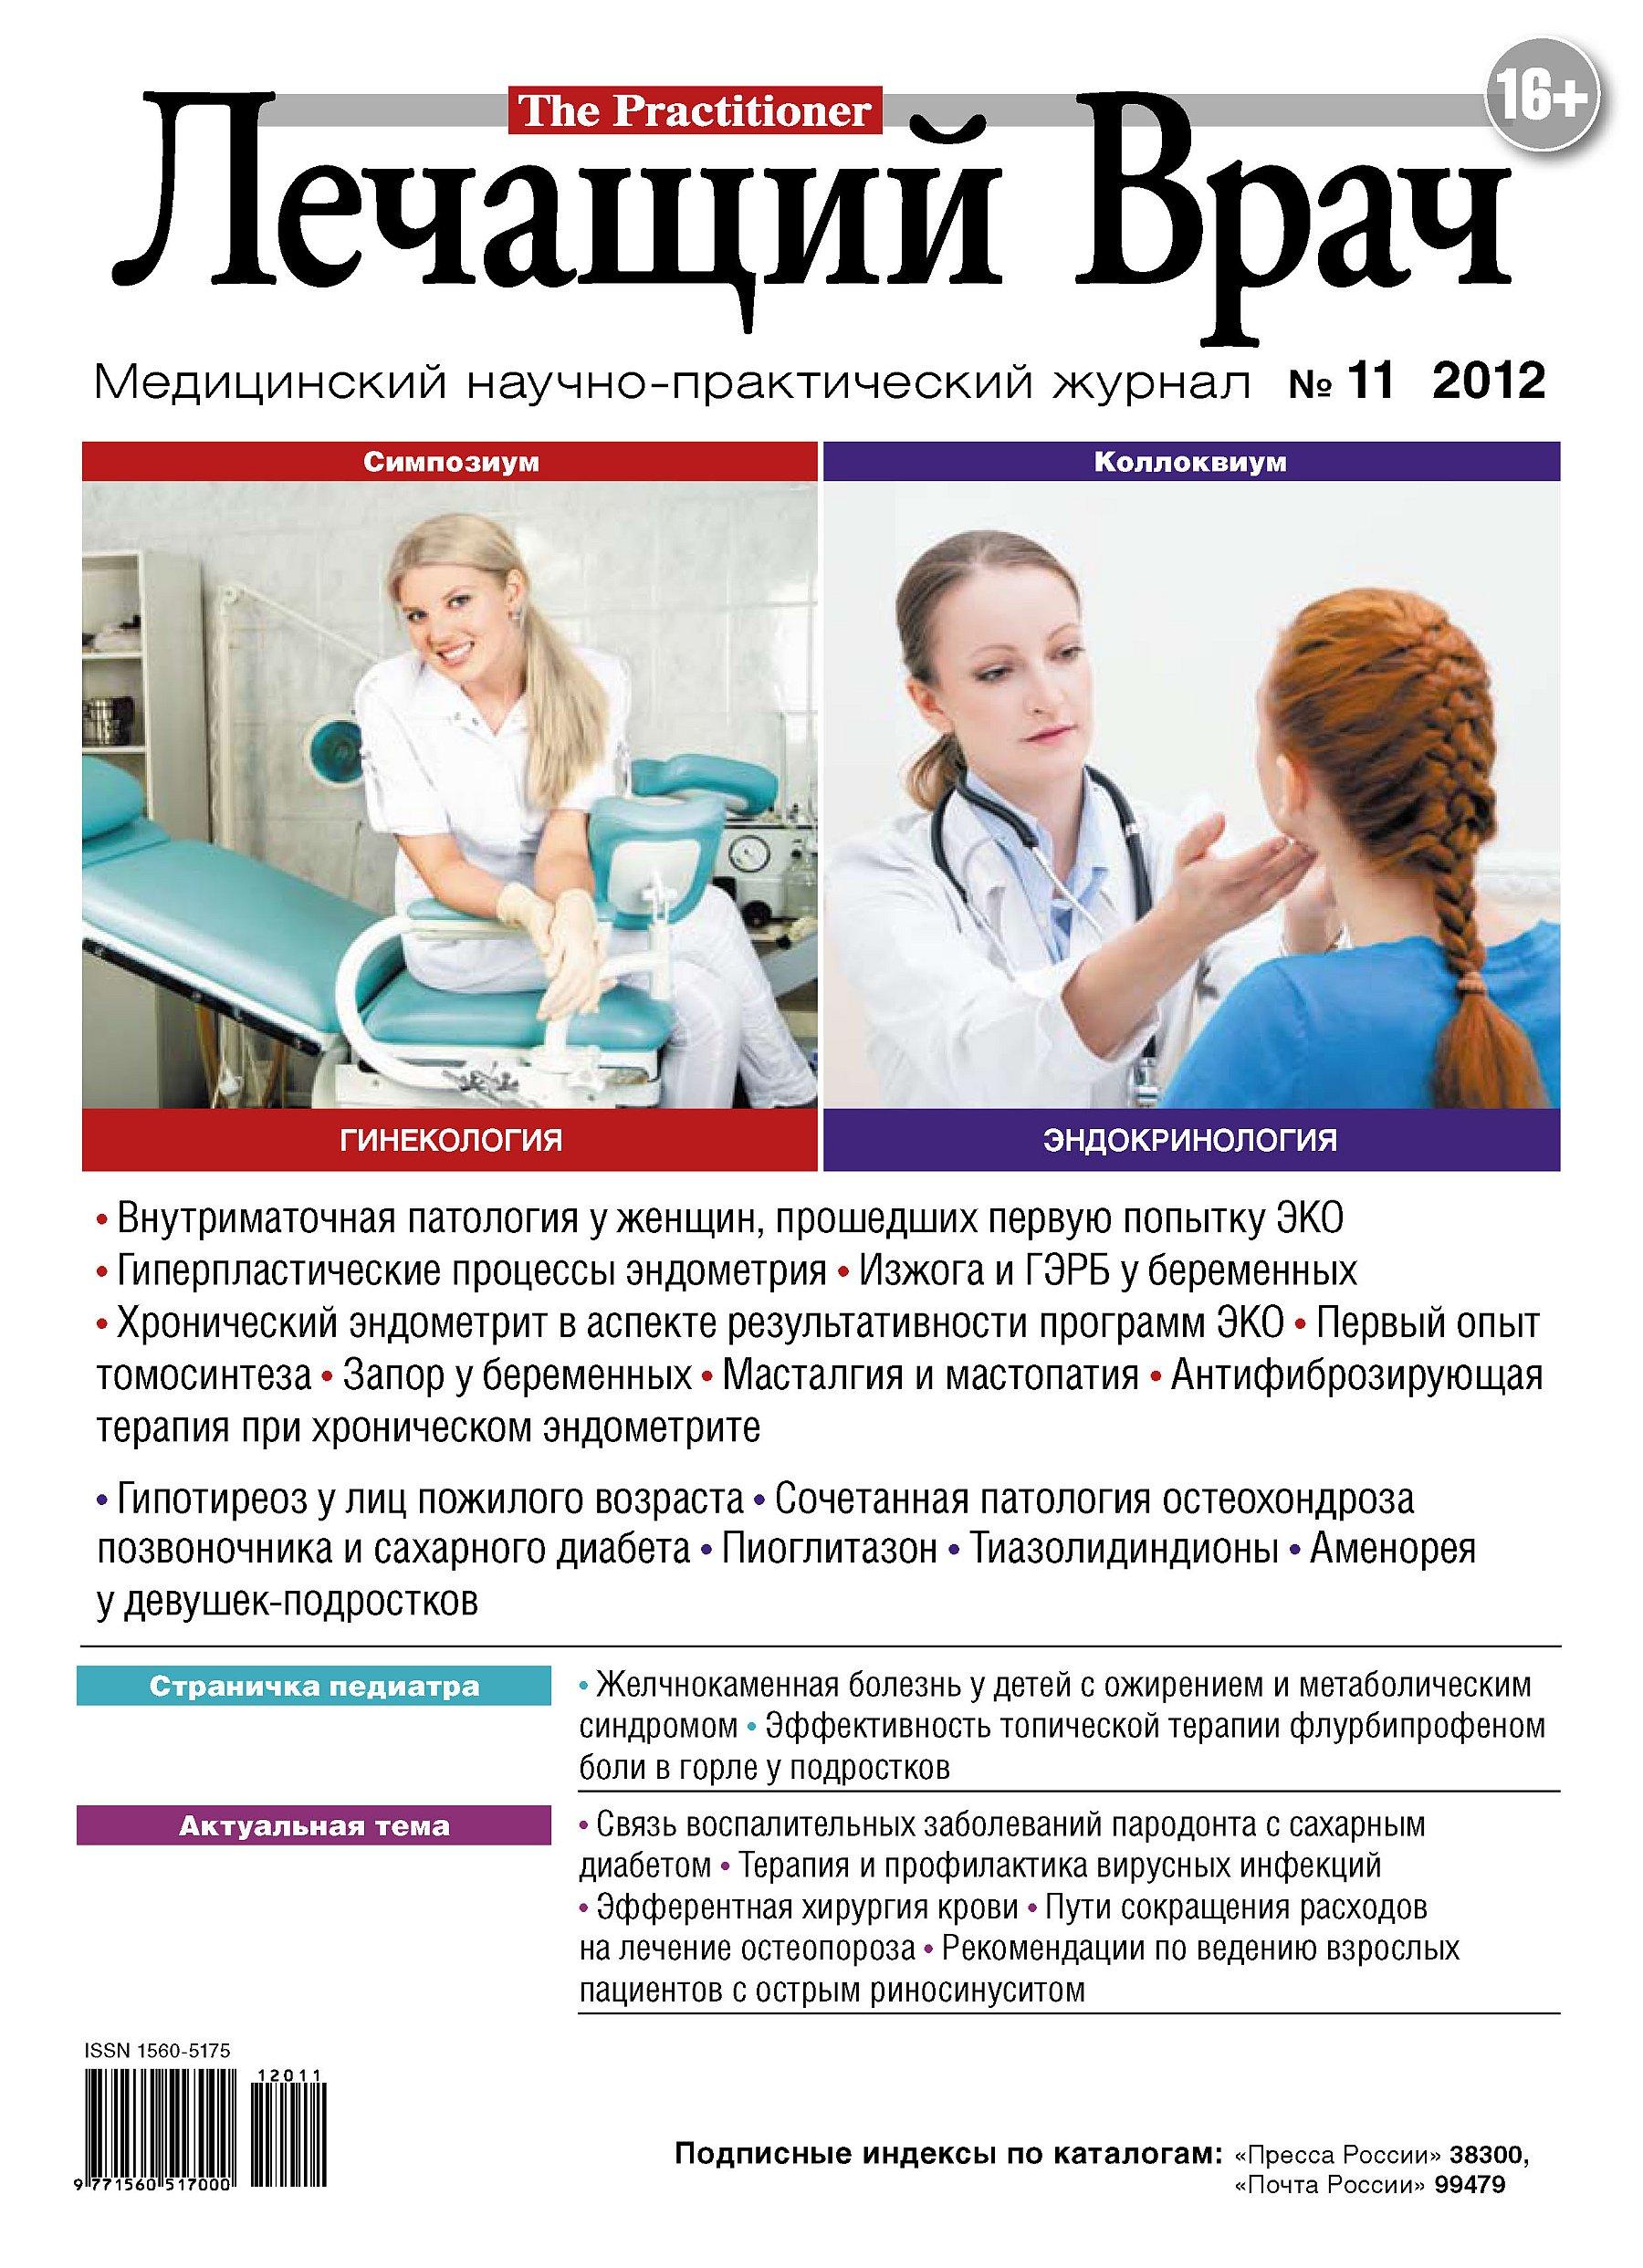 Открытые системы Журнал «Лечащий Врач» №11/2012